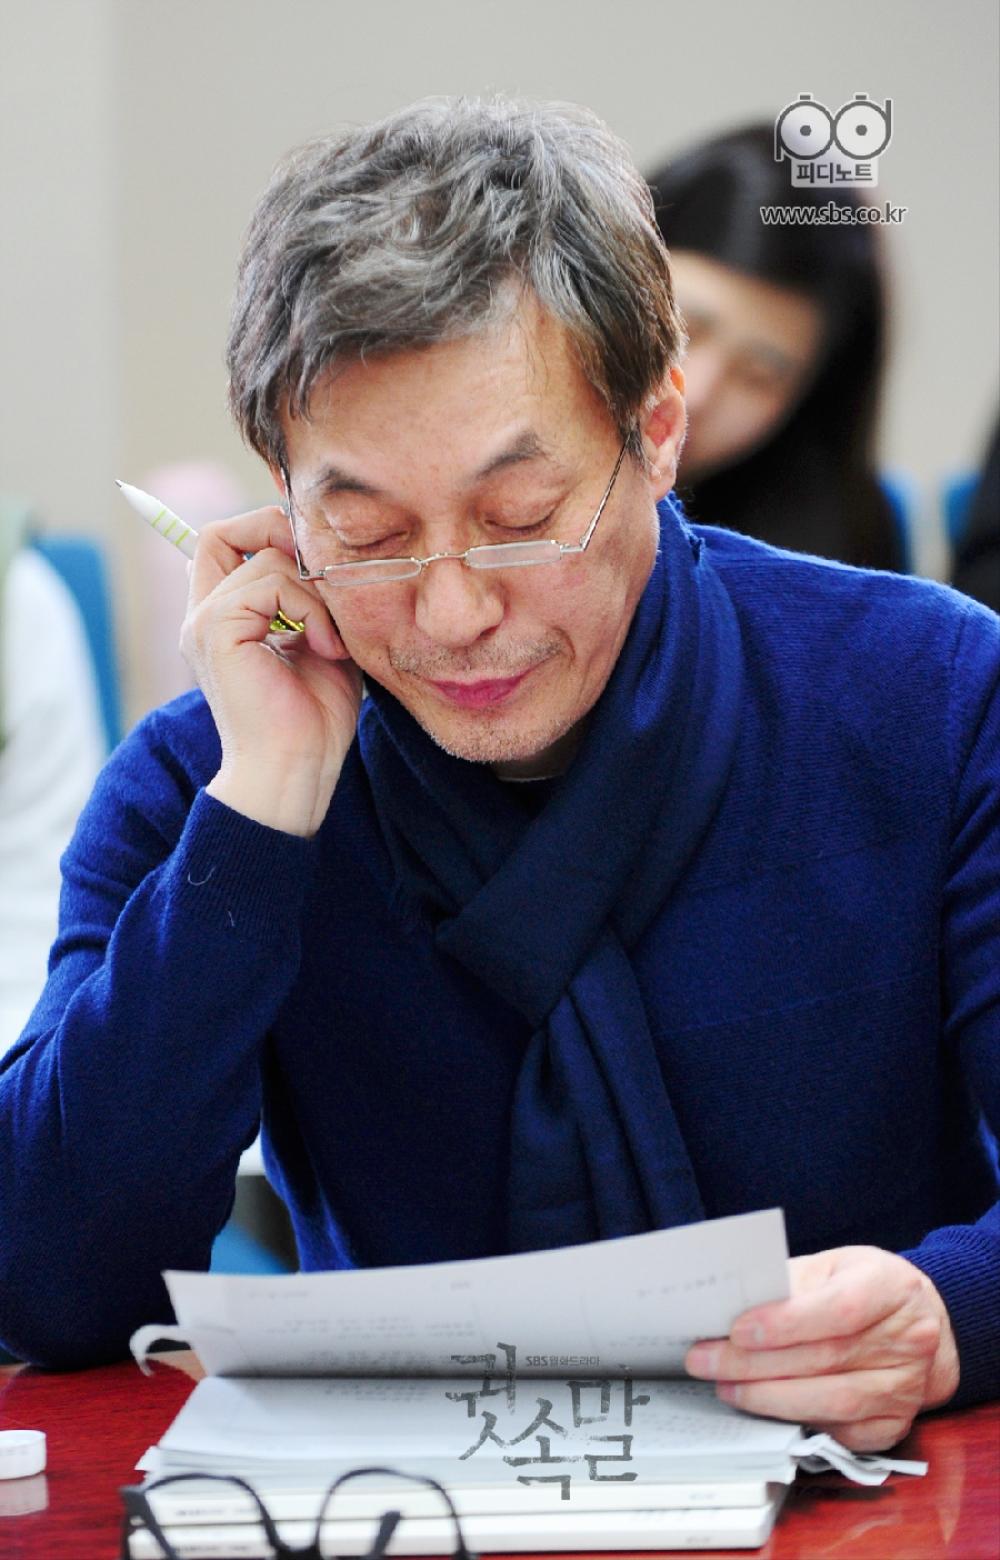 김갑수 귓속말 대본리딩 현장에서 대본 읽고 있는 사진